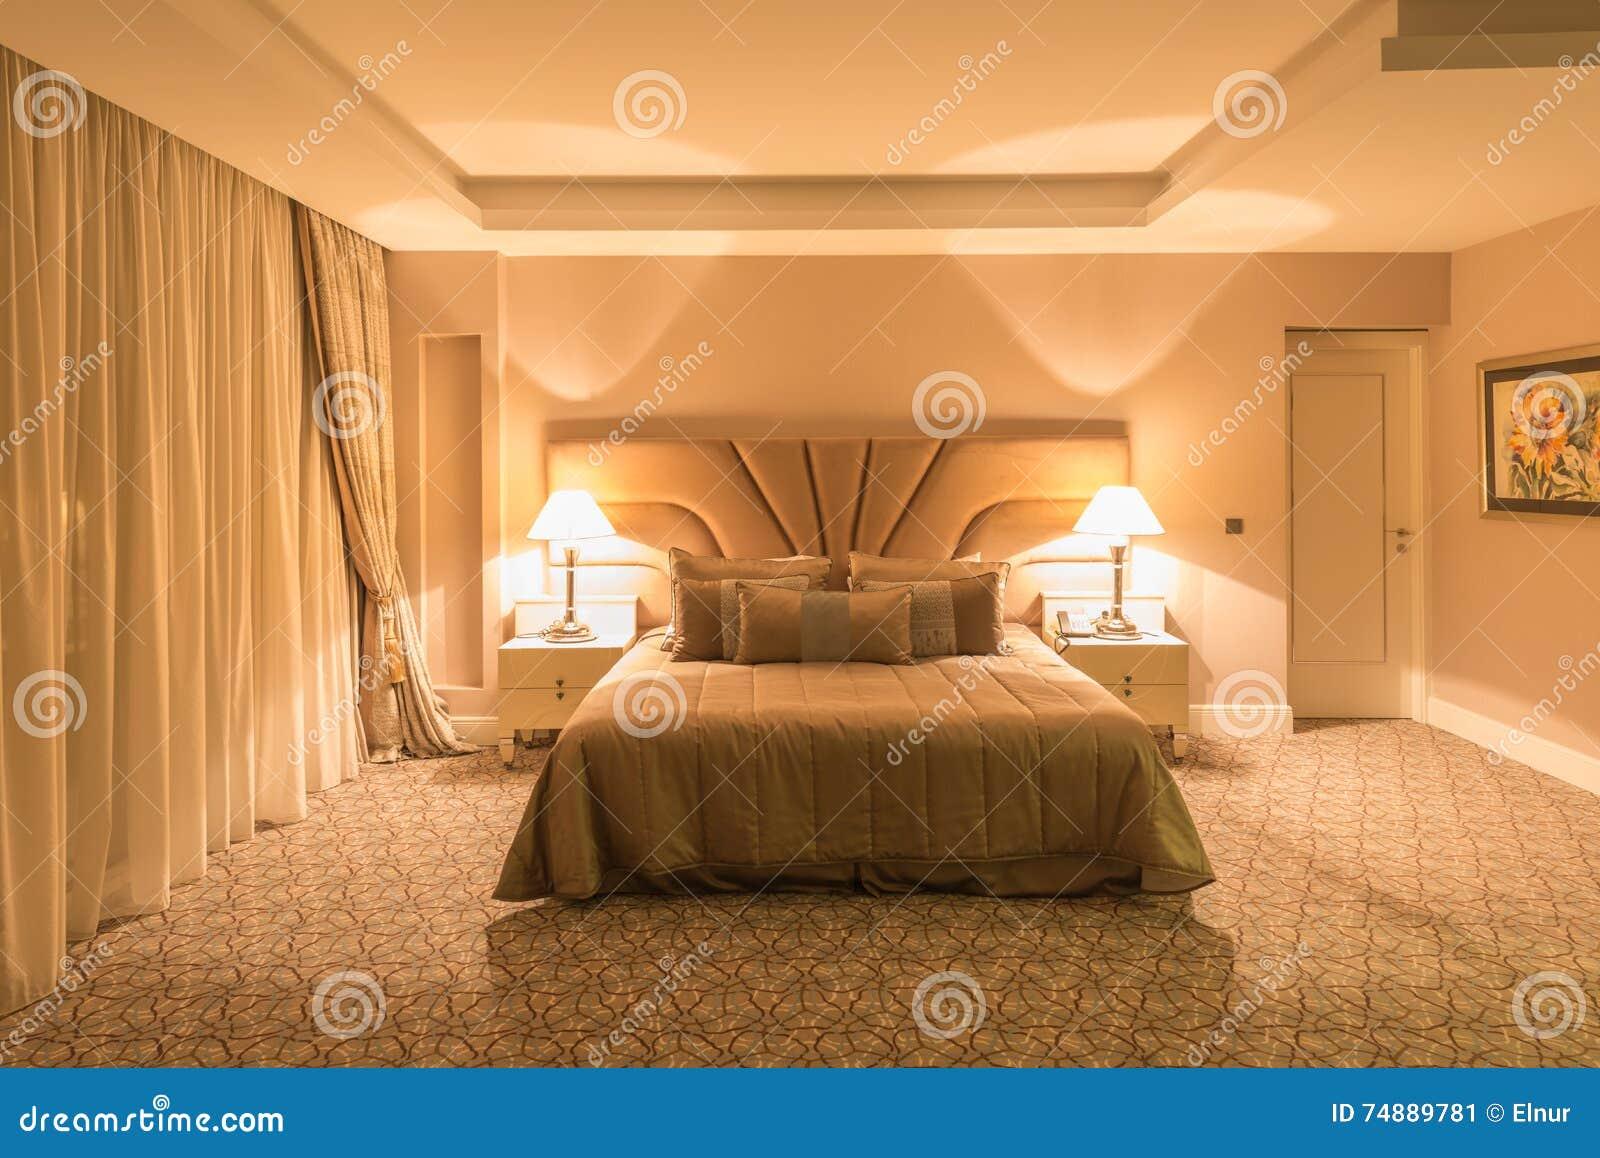 Det moderna hotellrummet med stor säng